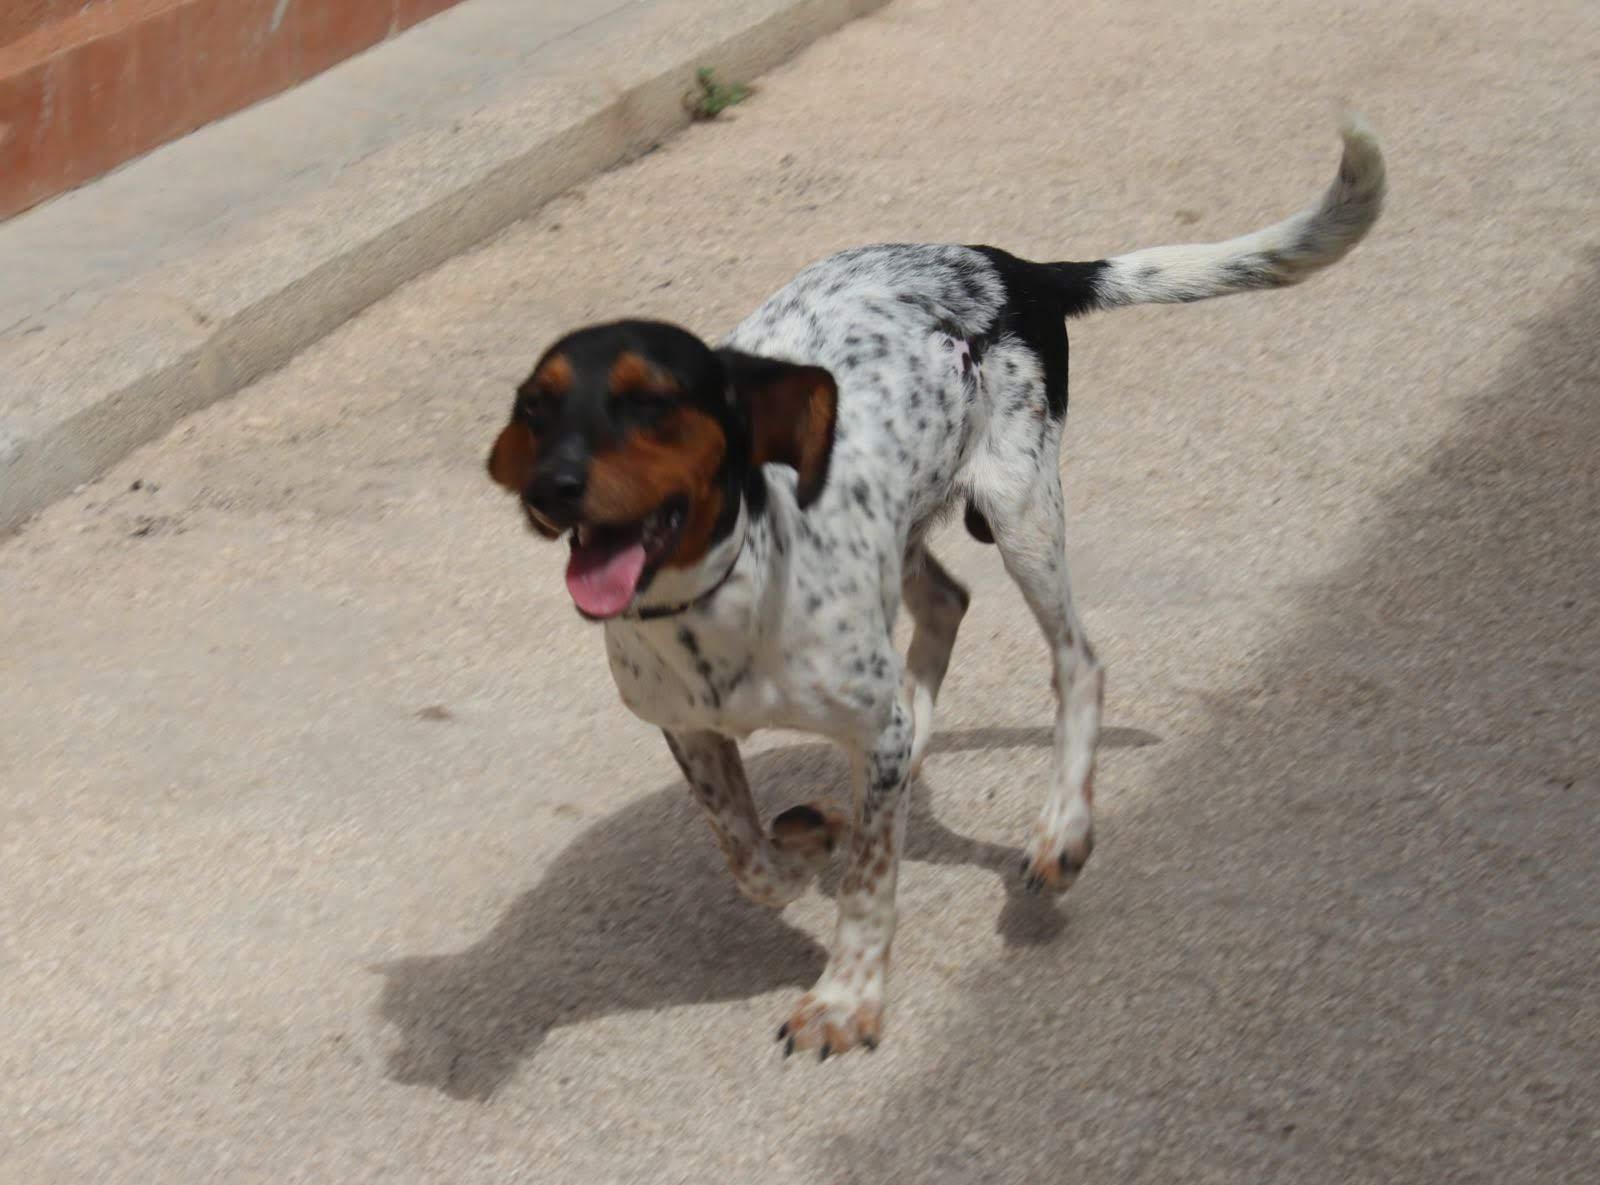 Happy cerca casa, aiutiamolo! Appello per adozione